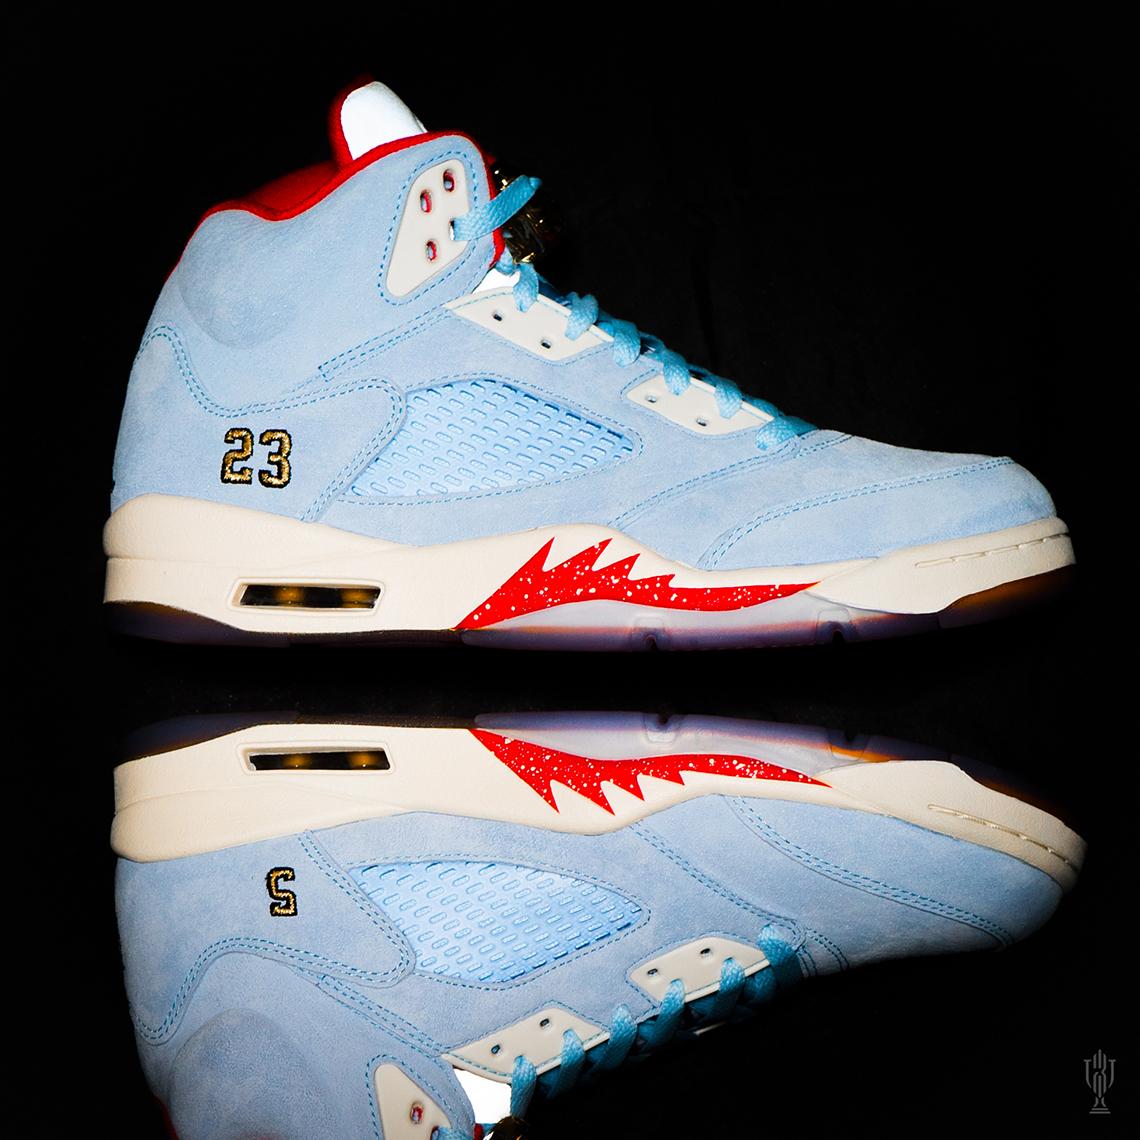 【超希少・26cm 】世界7000足限定 TROPHY ROOM × Air Jordan 5 Retro (ICE BLUE) トロフィールーム エアージョーダン 5 アイスブルー_画像9